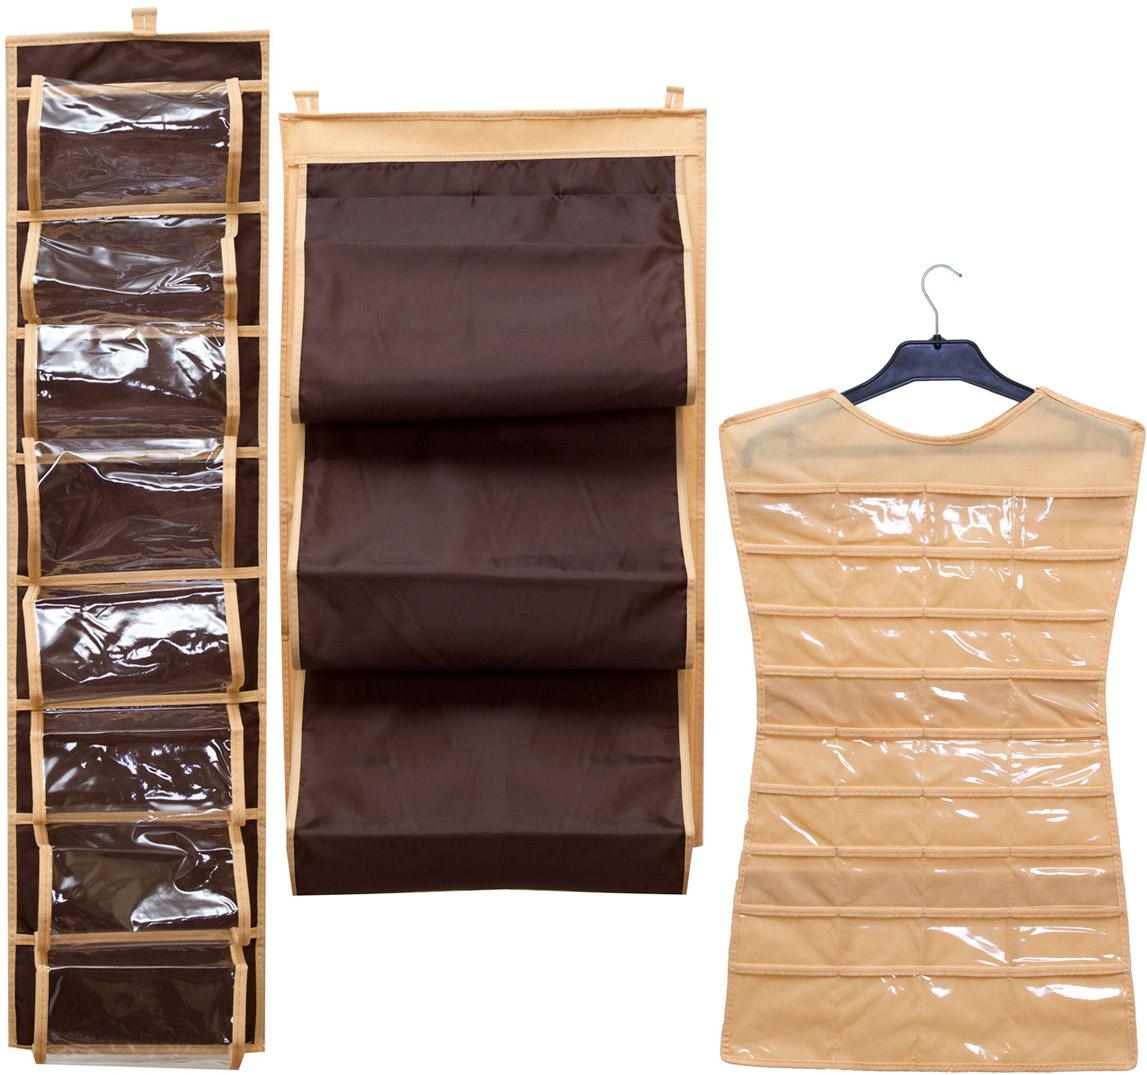 Набор органайзеров Homsu, подвесных, цвет: коричневый, 3 штDEN-23Набор органайзеров предназначен для удобного и компактного хранения различных вещей и бижутерии. Классический темно-коричневый цвет отлично дополняет интерьер, придавая ему оригинальный стиль. В набор входят 3 органайзера: Кофр подвесной для сумок темно-коричневый; Органайзер темно-коричневый подвесной двусторонний на 16 карманов; Органайзер темно-коричневый для бижутерии Выбирая набор органайзеров, вы приобретаете практичное хранение вещей, стильные аксессуары для интерьера и свободное пространство. 400х700; 200х800; 750х450